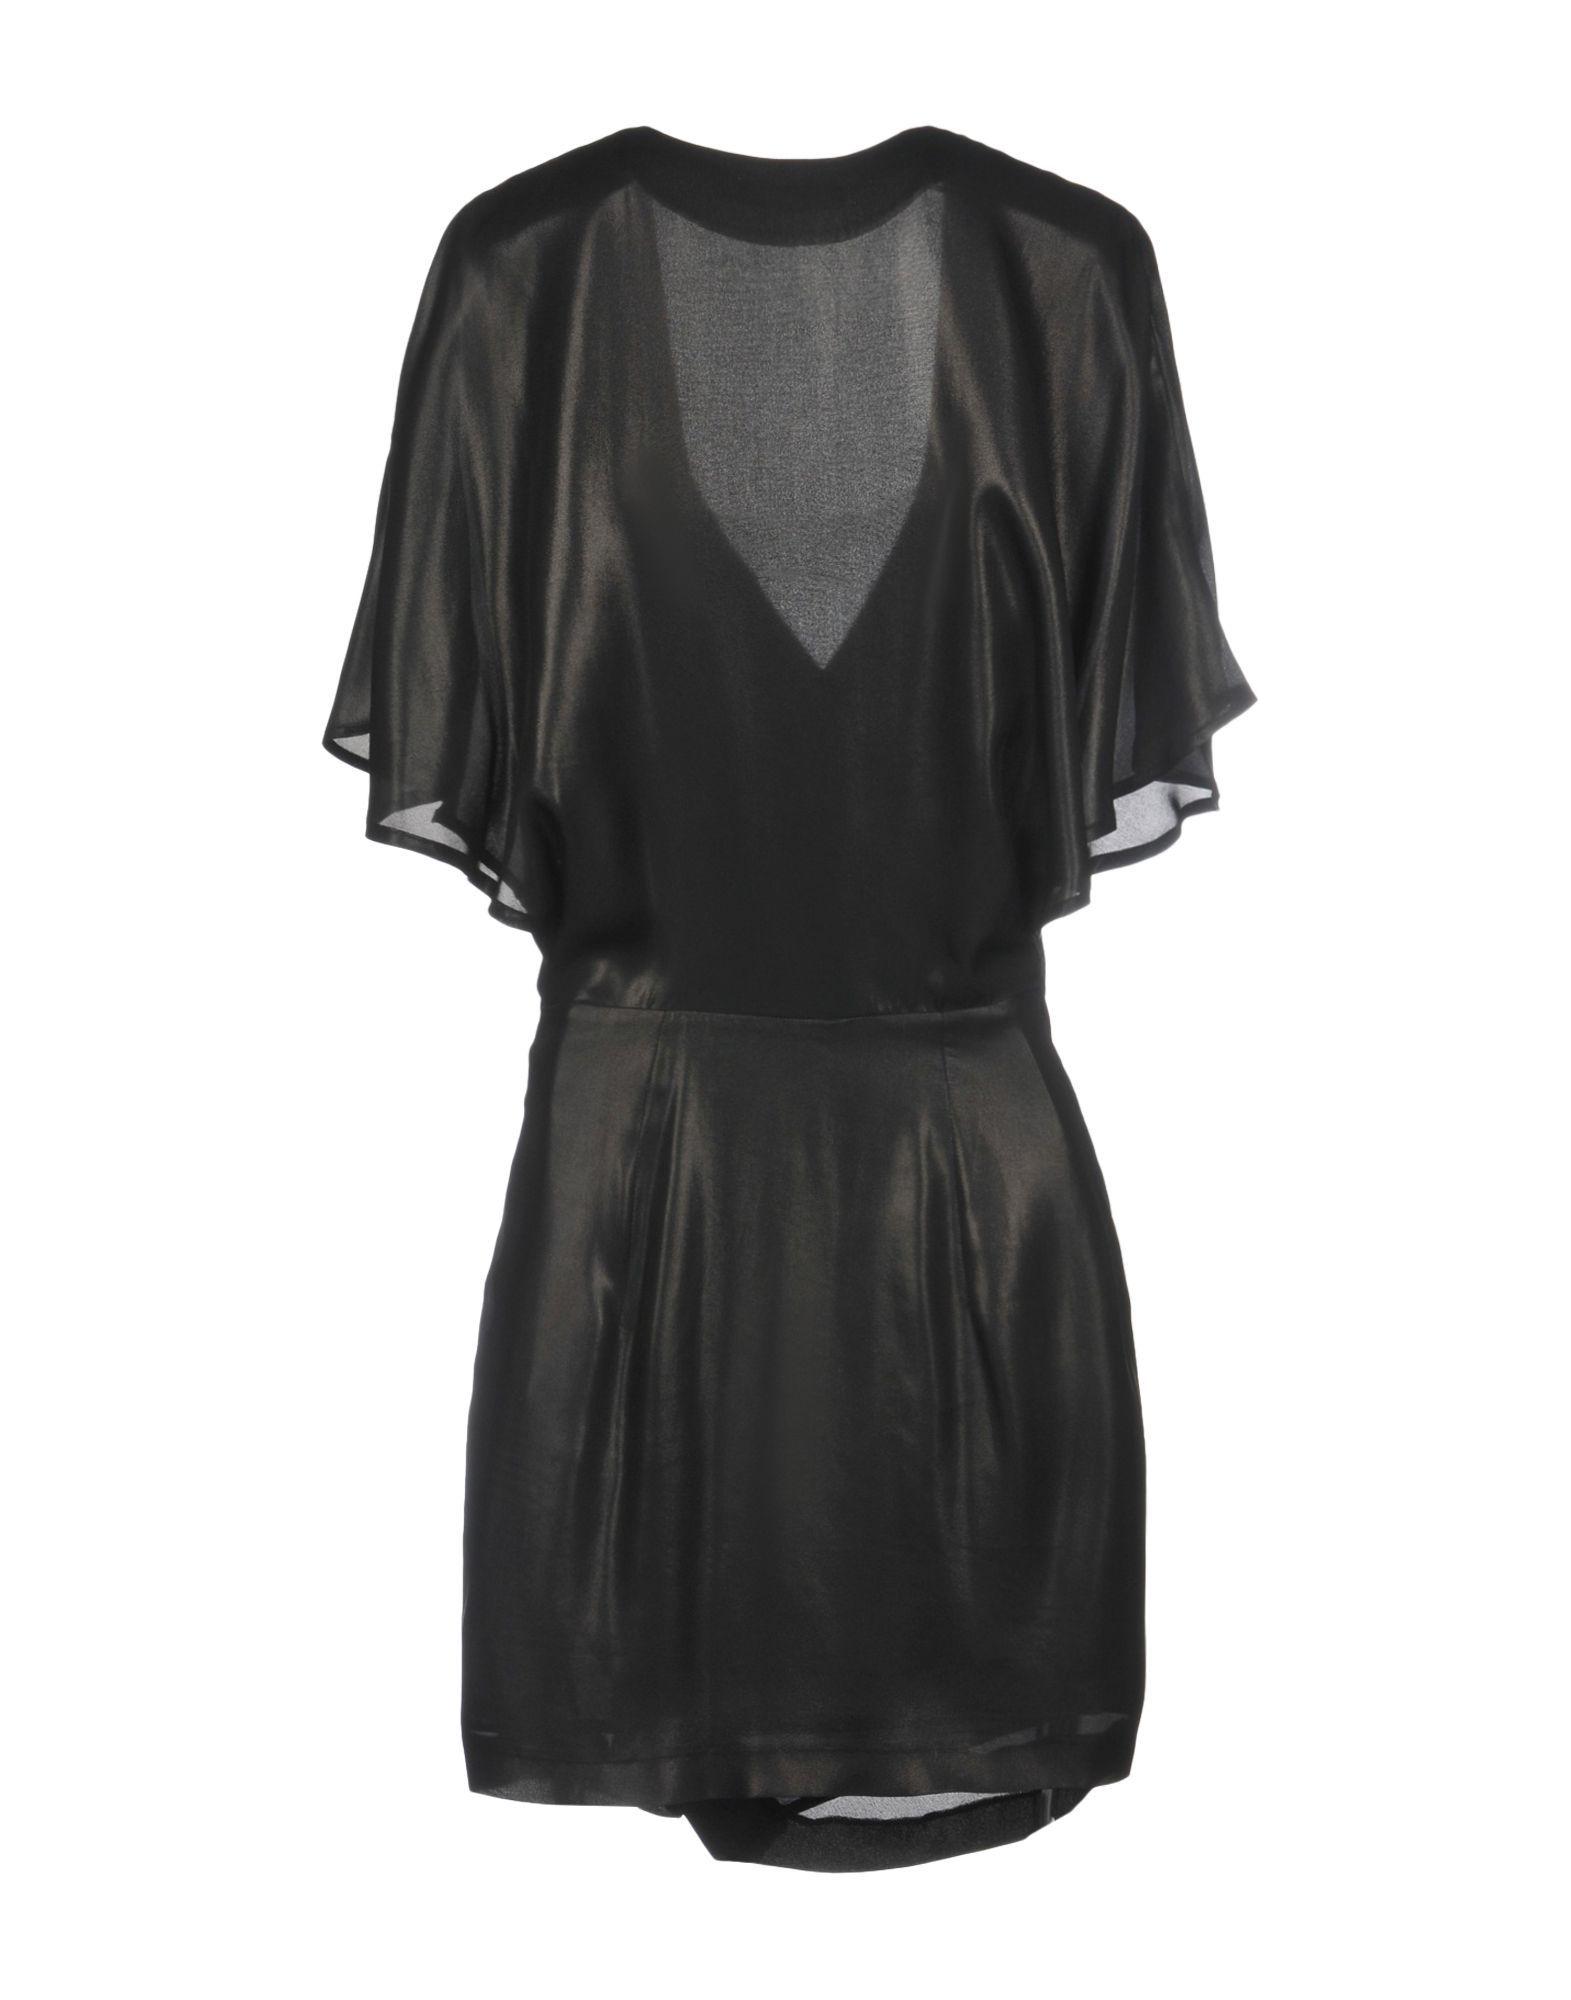 Plein Sud Black Silk Draped Dress